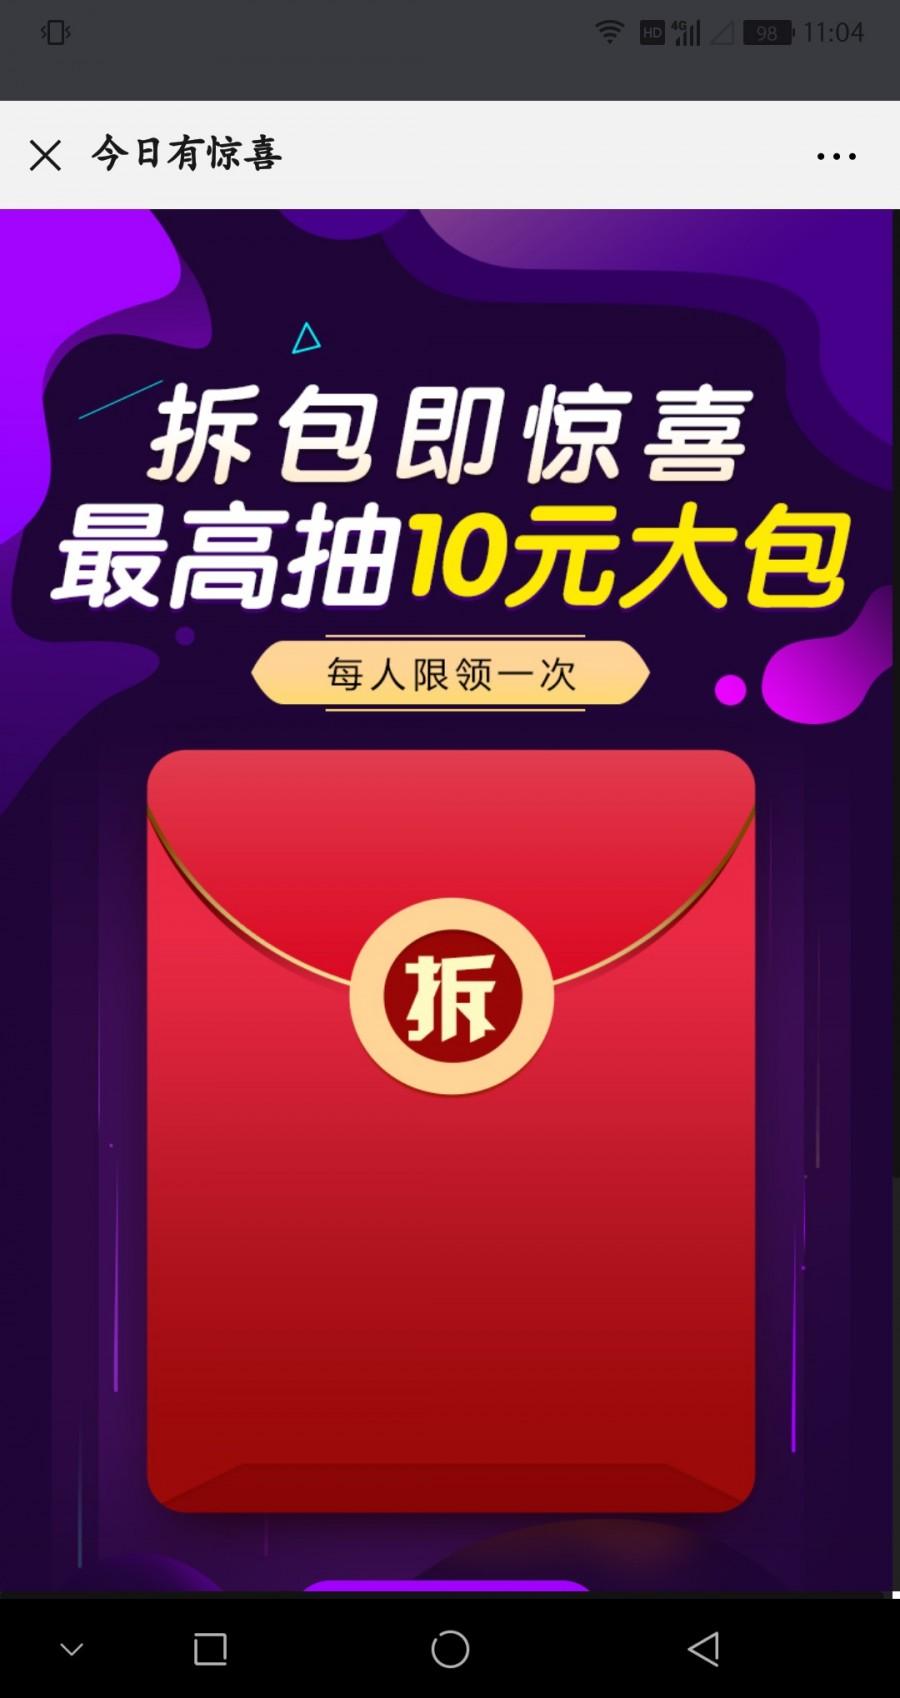 【现金红包】新人必得红包(最高10r)